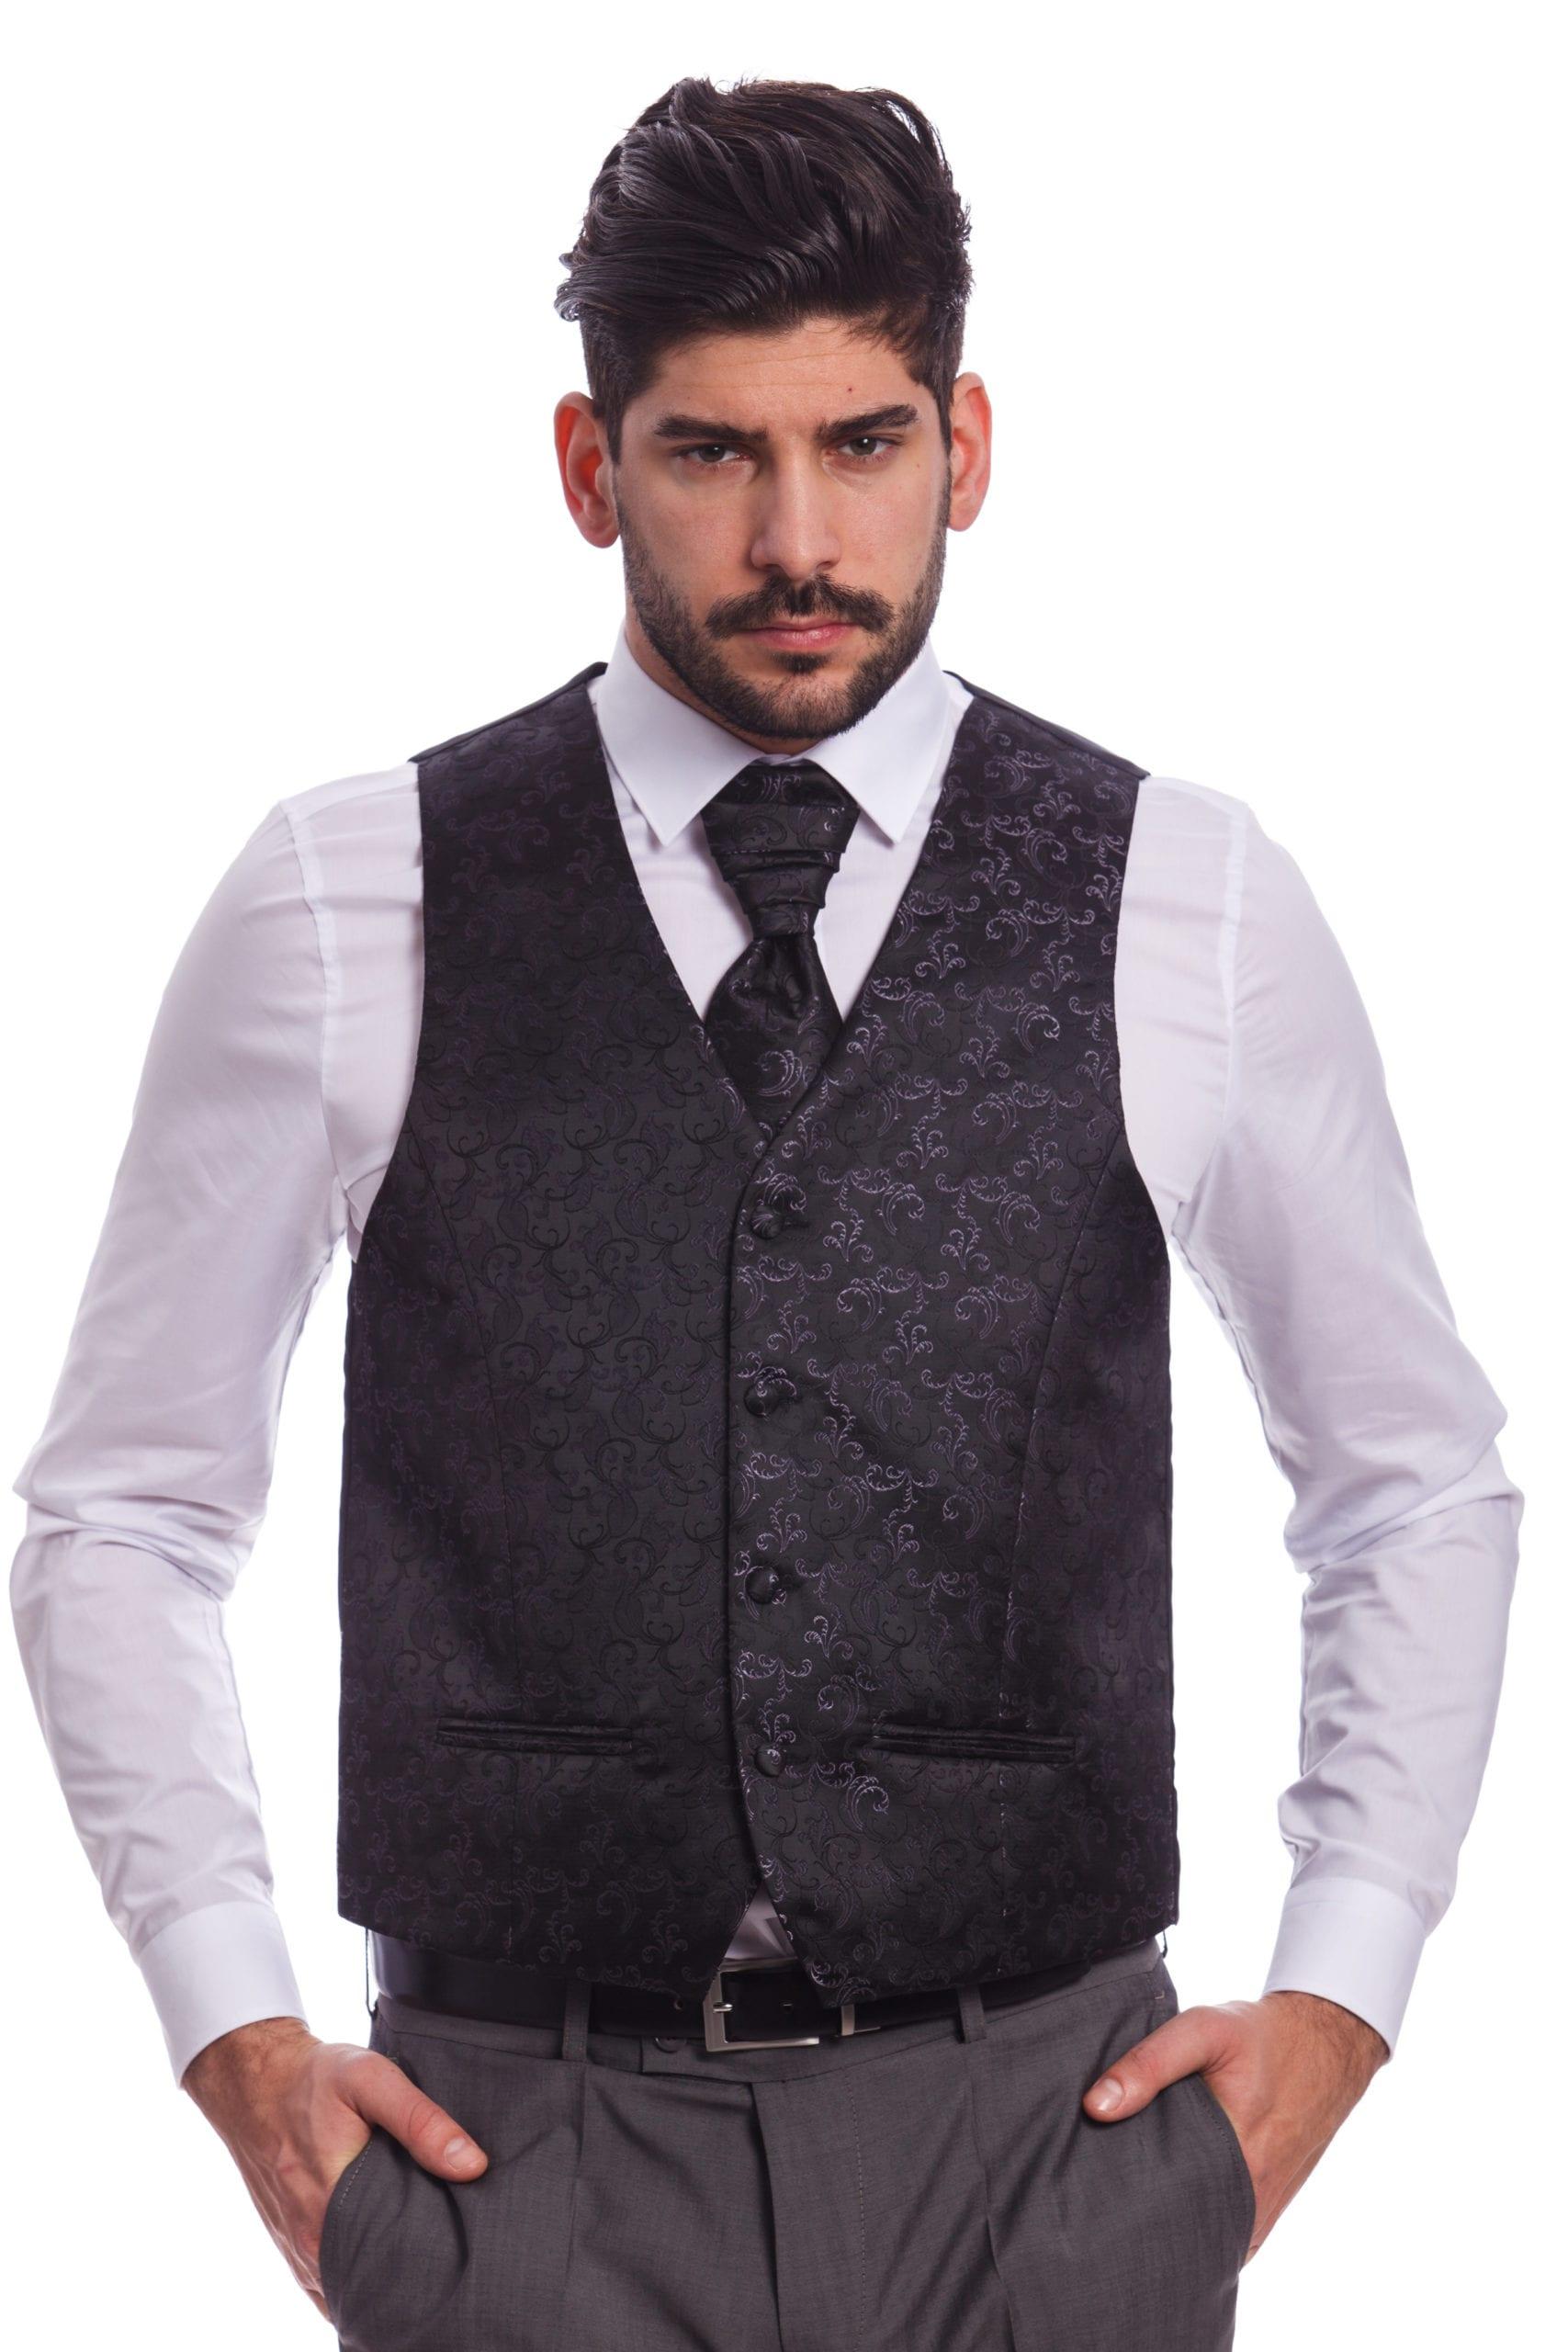 d3e6f060c4 Fekete Mintás Esküvői Mellény Szett - Elite Fashion Öltönyház